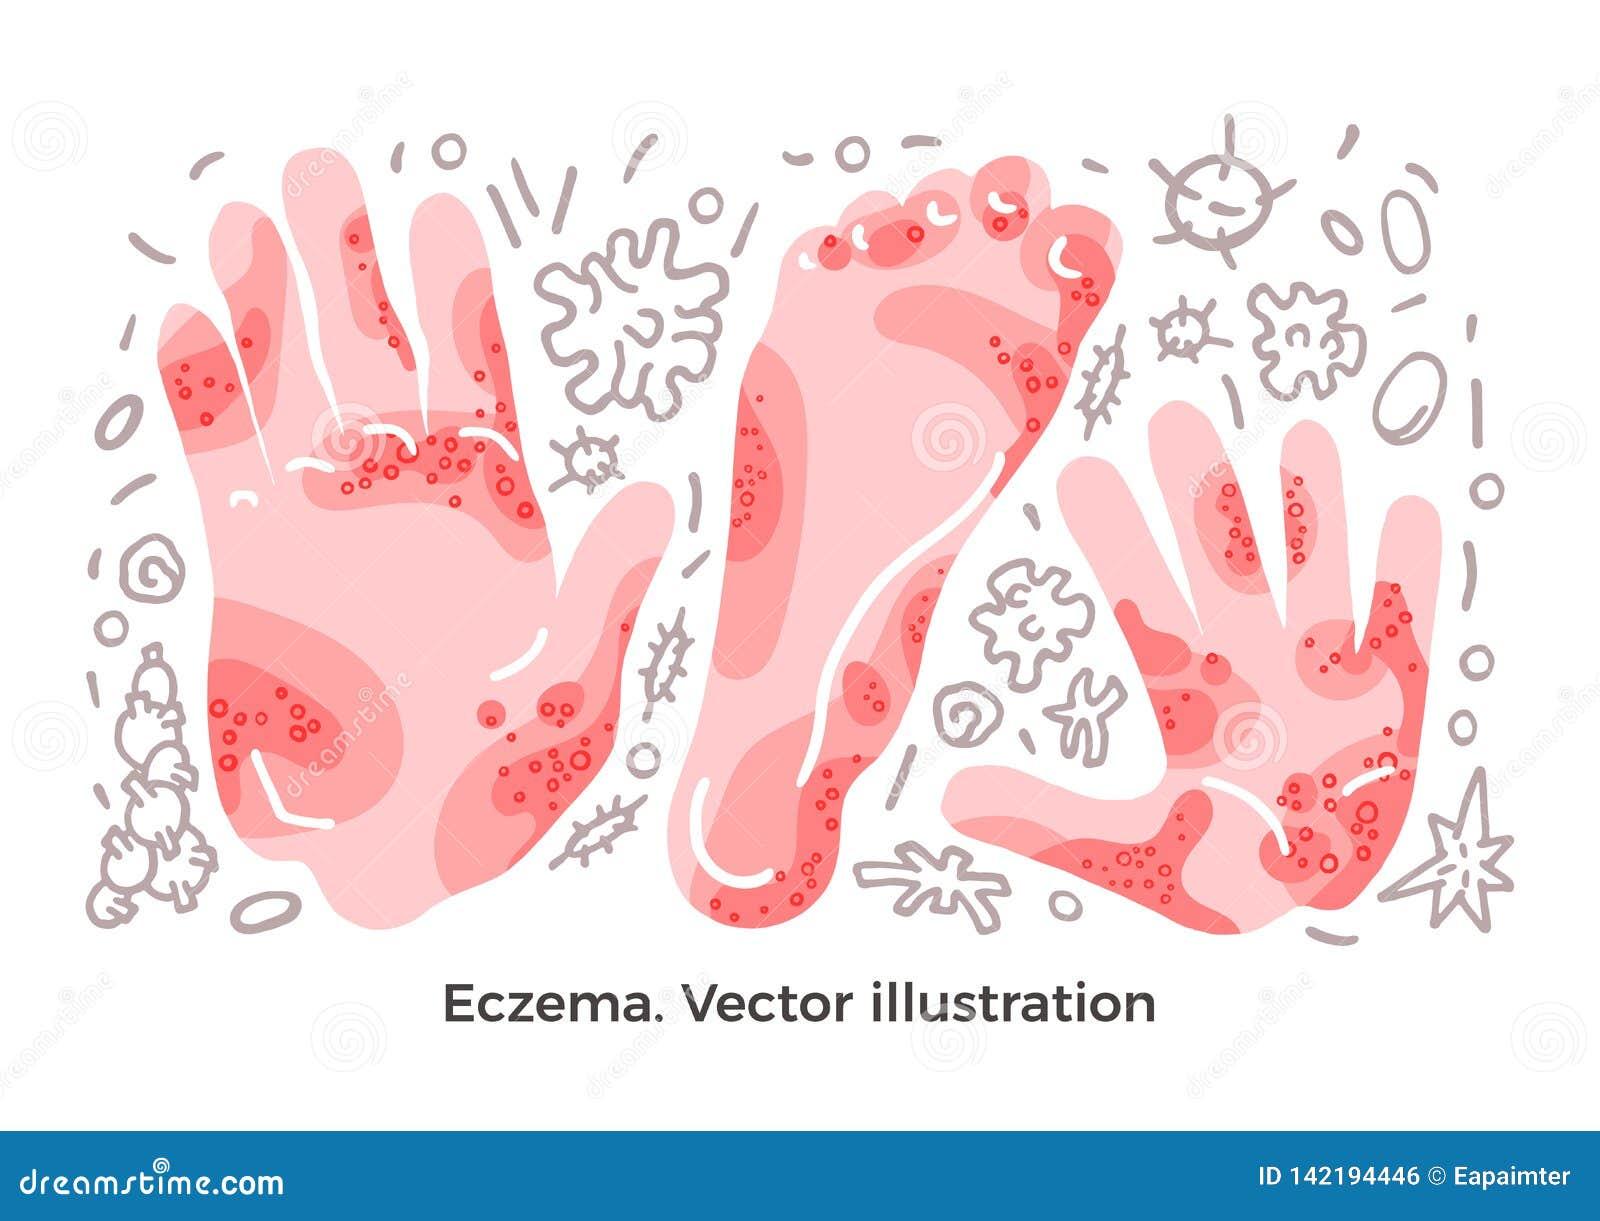 Kreskówki serc biegunowy setu wektor Egzema, choroba objaw, bakterie Skór wysypki na ręce, ręka Sztuki ilustracja